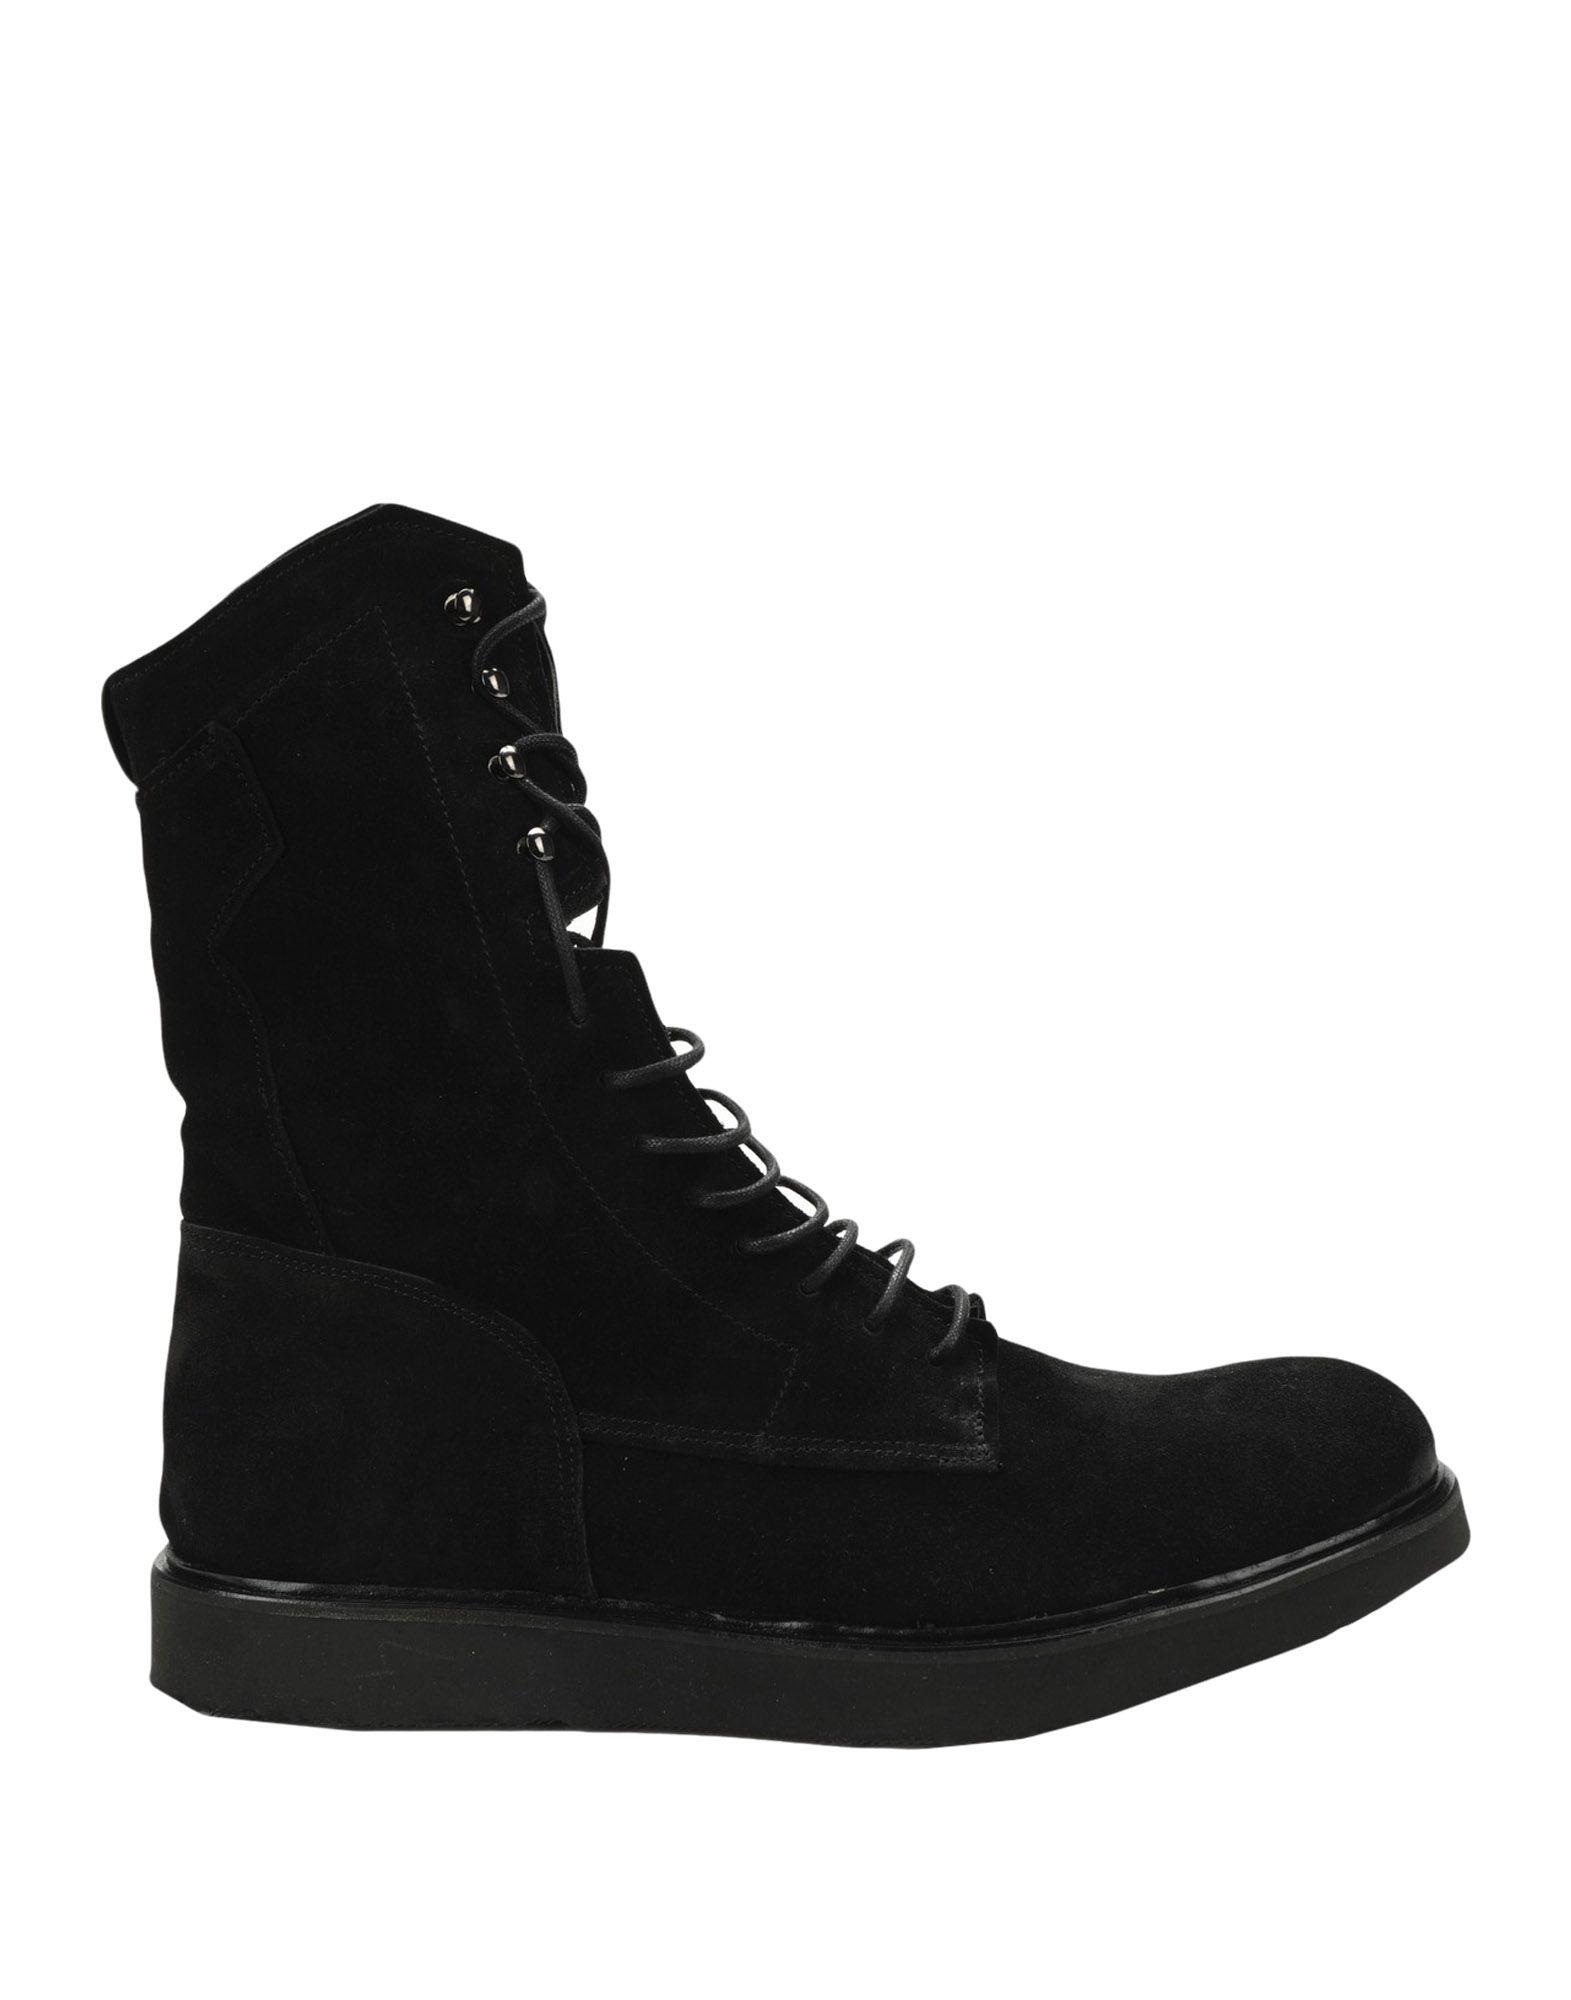 Savio Barbato Stiefelette Herren  11539957MX Gute Qualität beliebte Schuhe